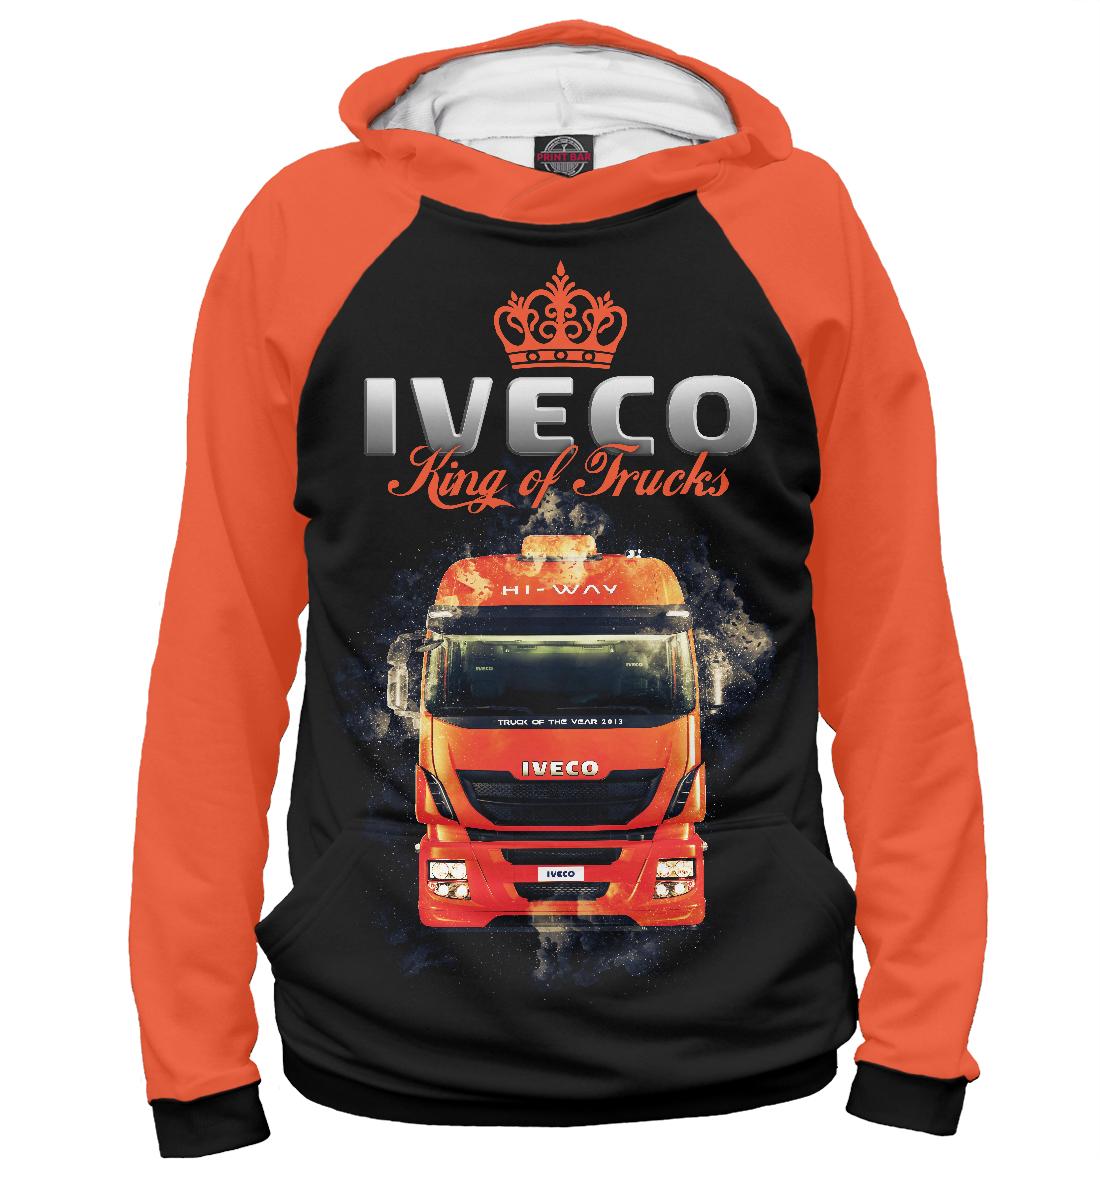 Купить IVECO - король грузовиков, Printbar, Худи, GRZ-502294-hud-2